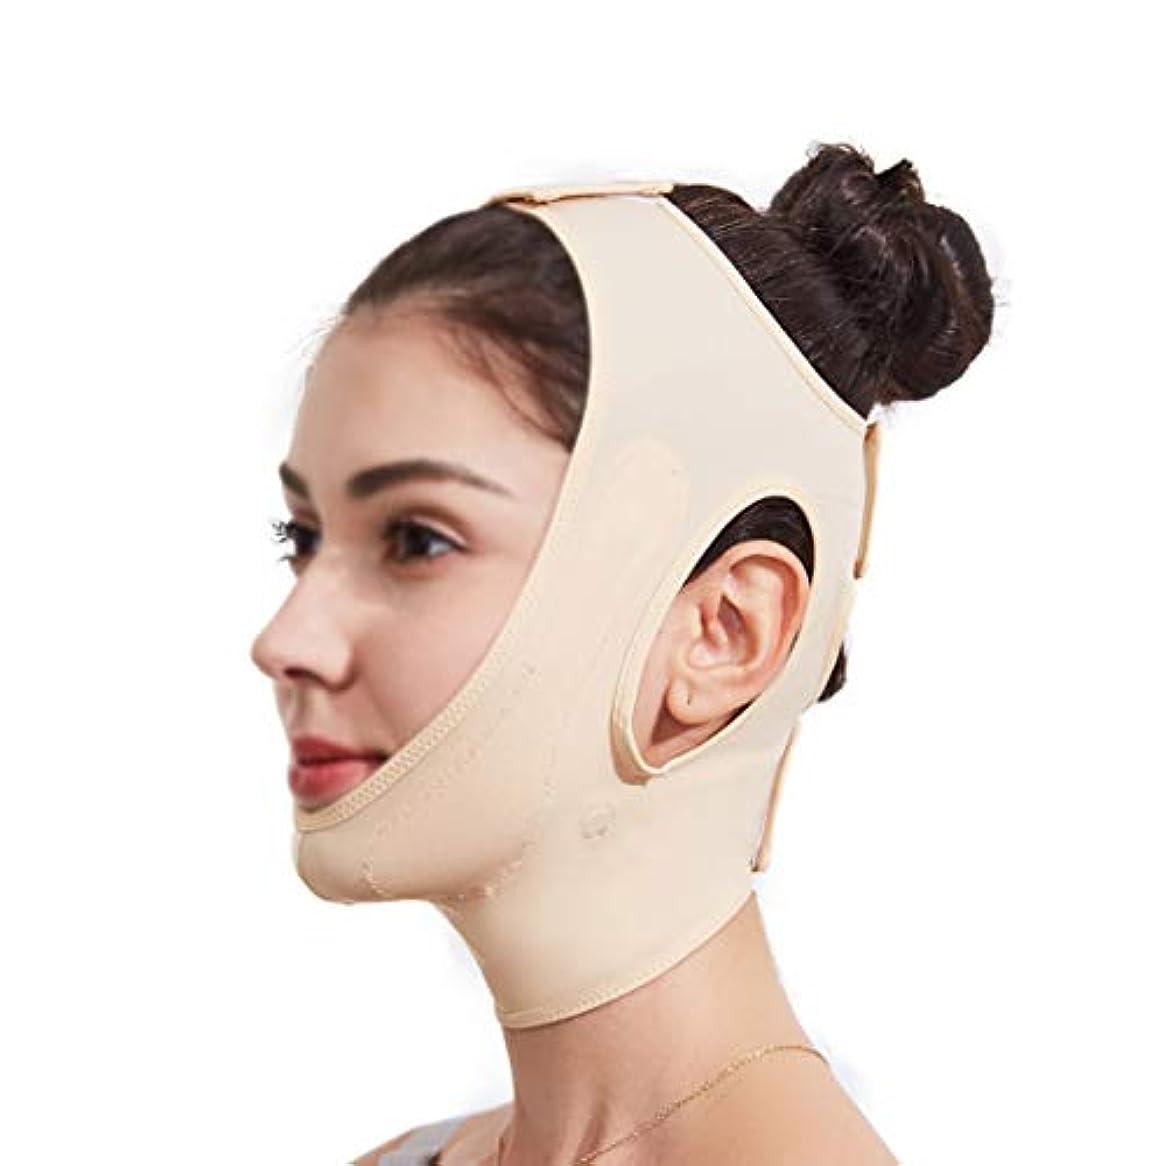 それにもかかわらずヘルパー与えるLJK フェイスリフティングマスク、360°オールラウンドリフティングフェイシャルコンター、あごを閉じて肌を引き締め、快適でフェイスライトと通気性をサポート (Color : Skin color)